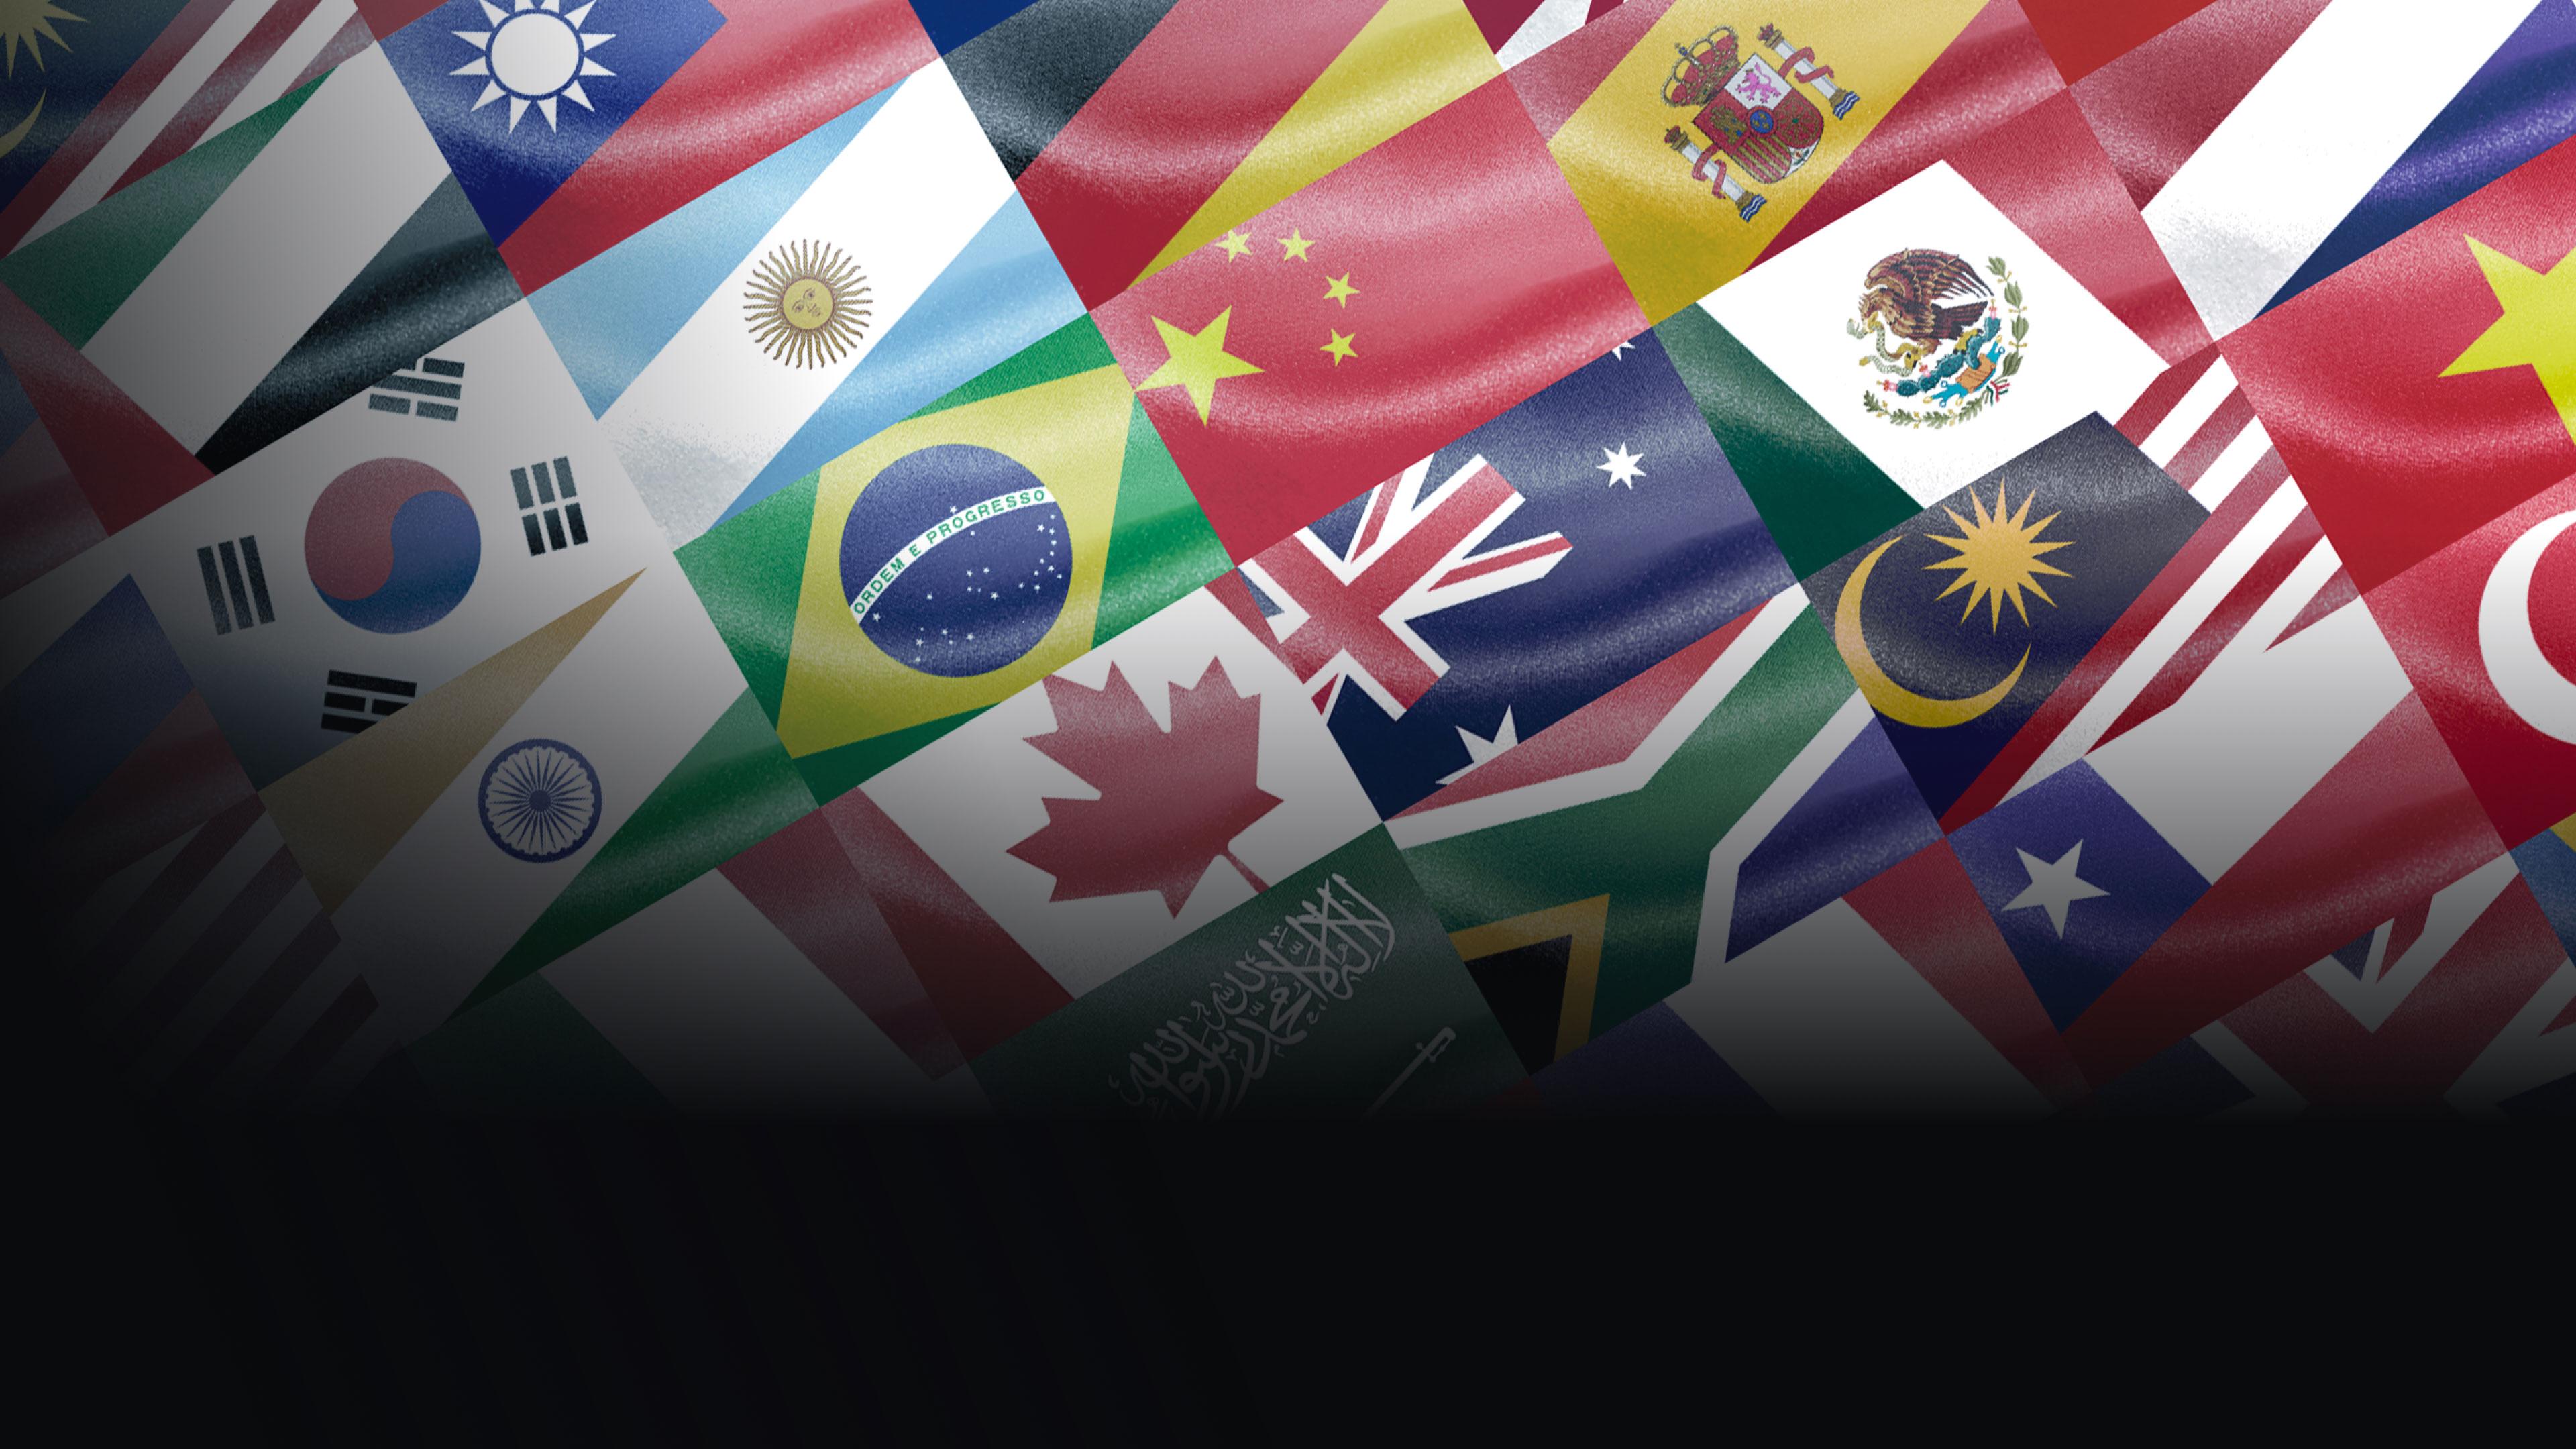 World Cinema Background Image